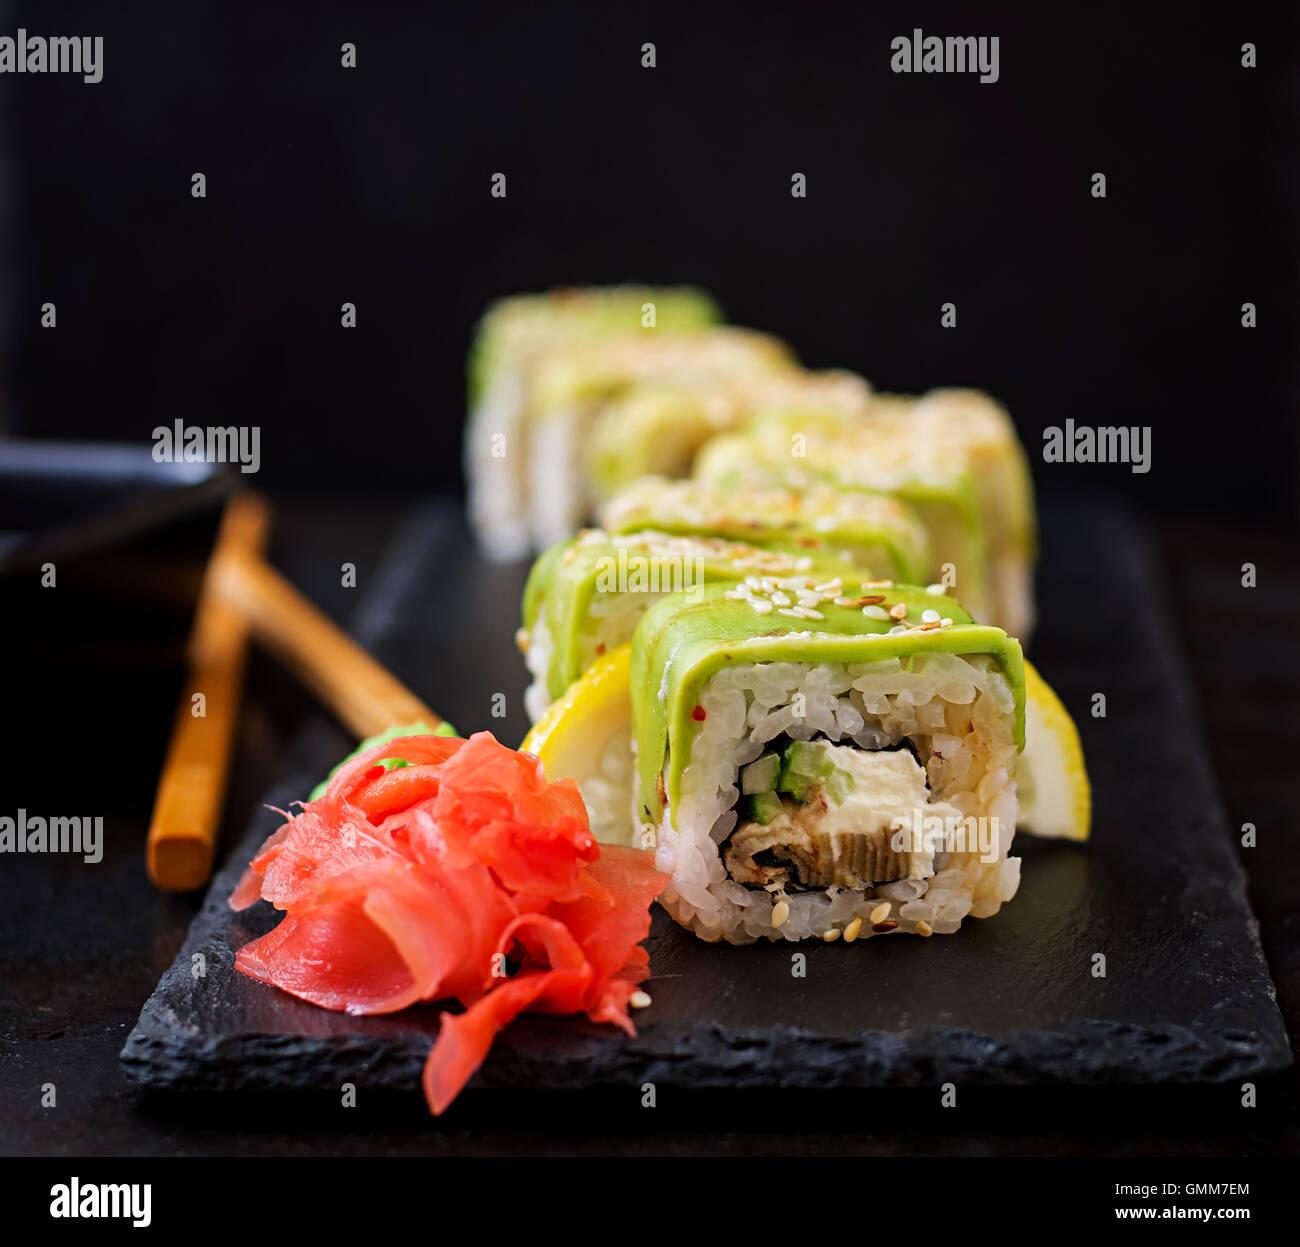 La cuisine japonaise traditionnelle - rouleaux de sushi, et la sauce sur un fond noir. Photo Stock